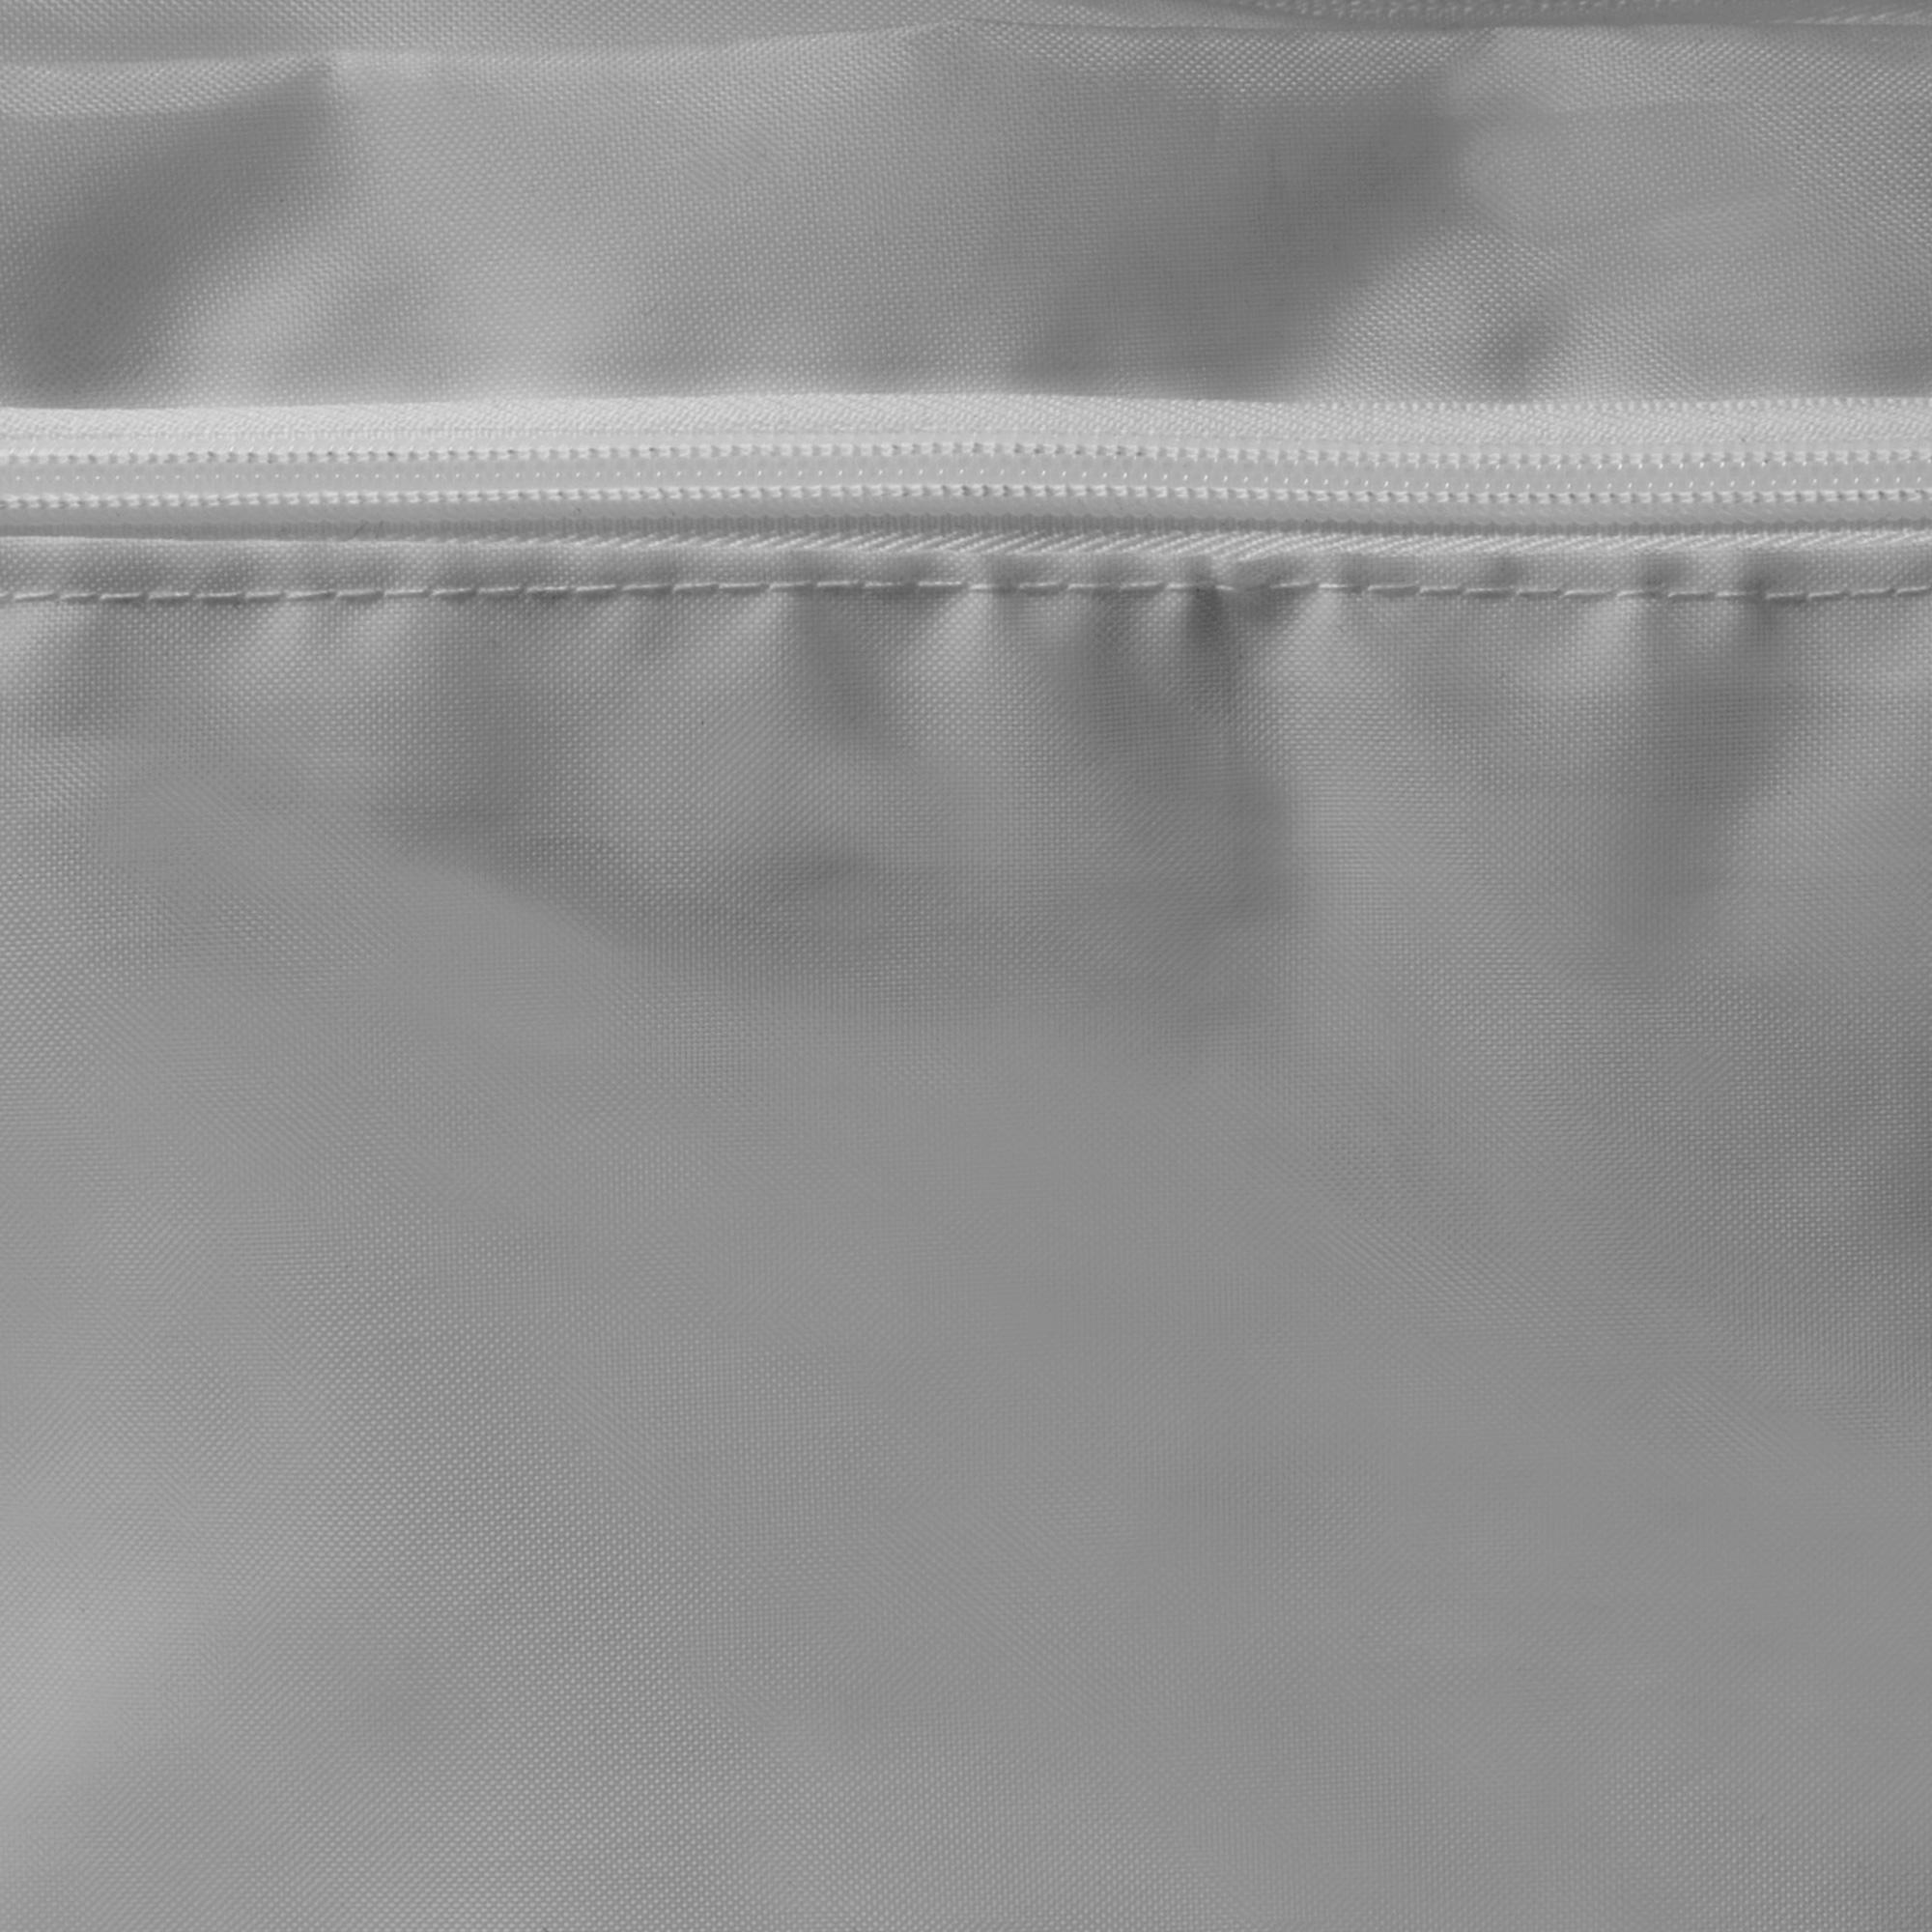 Indexbild 2 - Schutzhülle Sonnenschirm Abdeckung Sonnenschirmhülle Hülle Regenschutz B-Ware